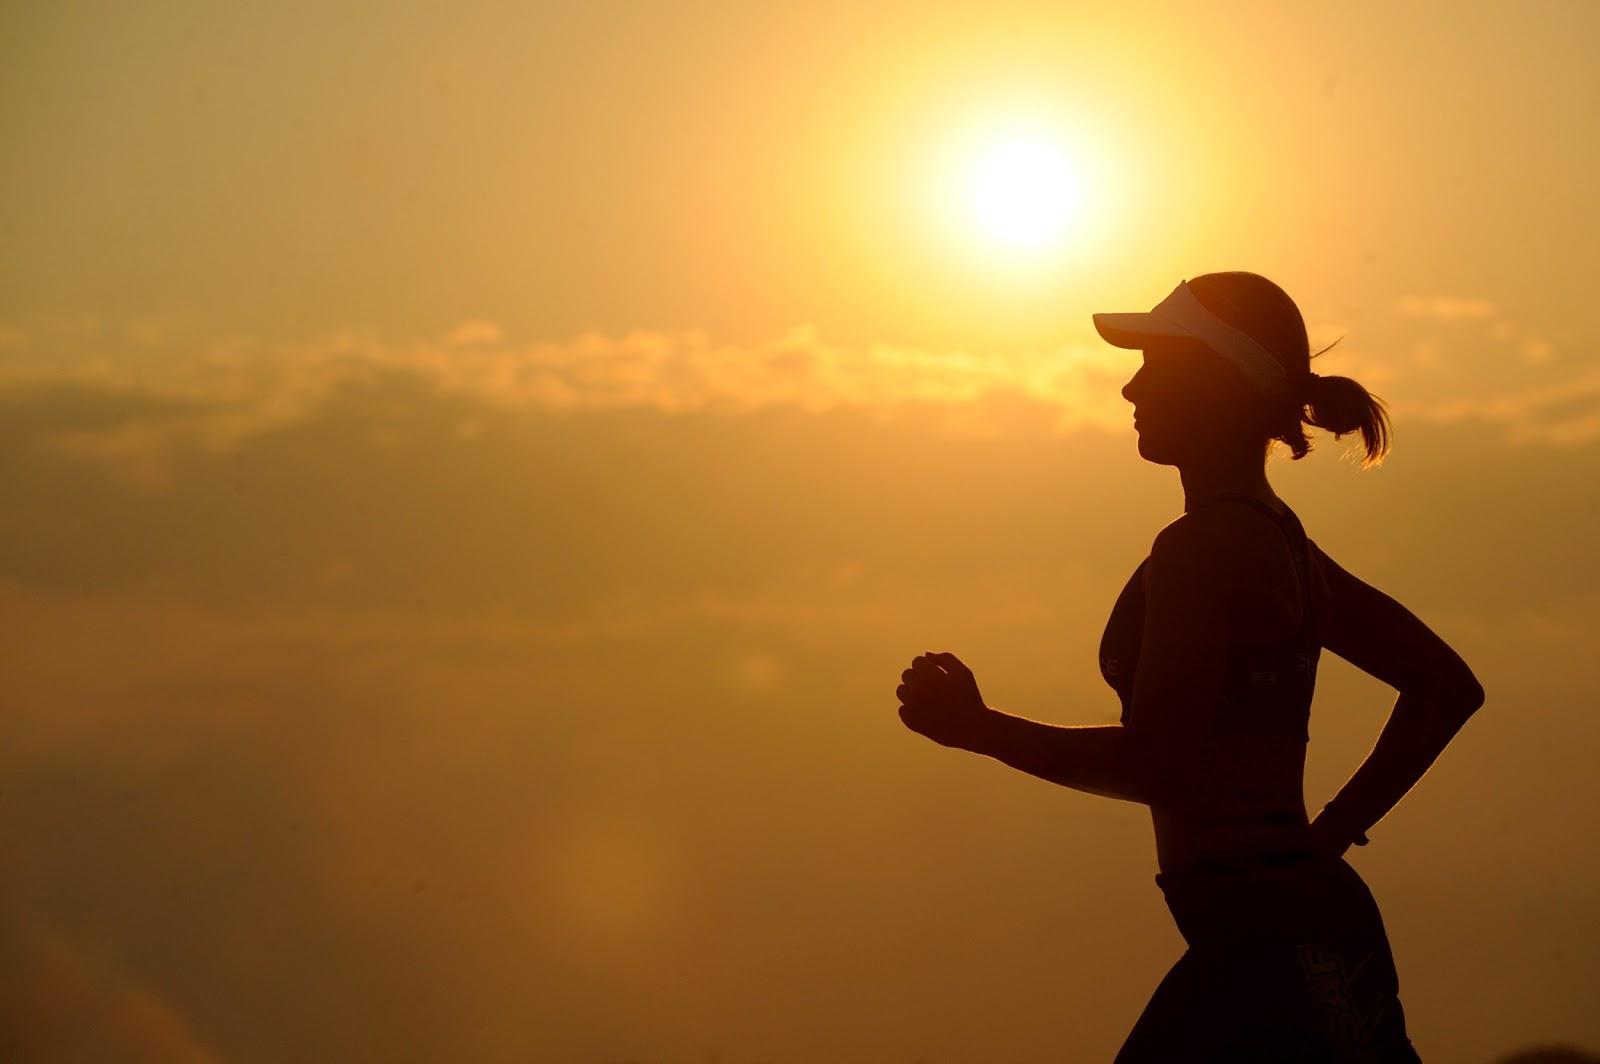 https://static.pexels.com/photos/40751/running-runner-long-distance-fitness-40751.jpeg